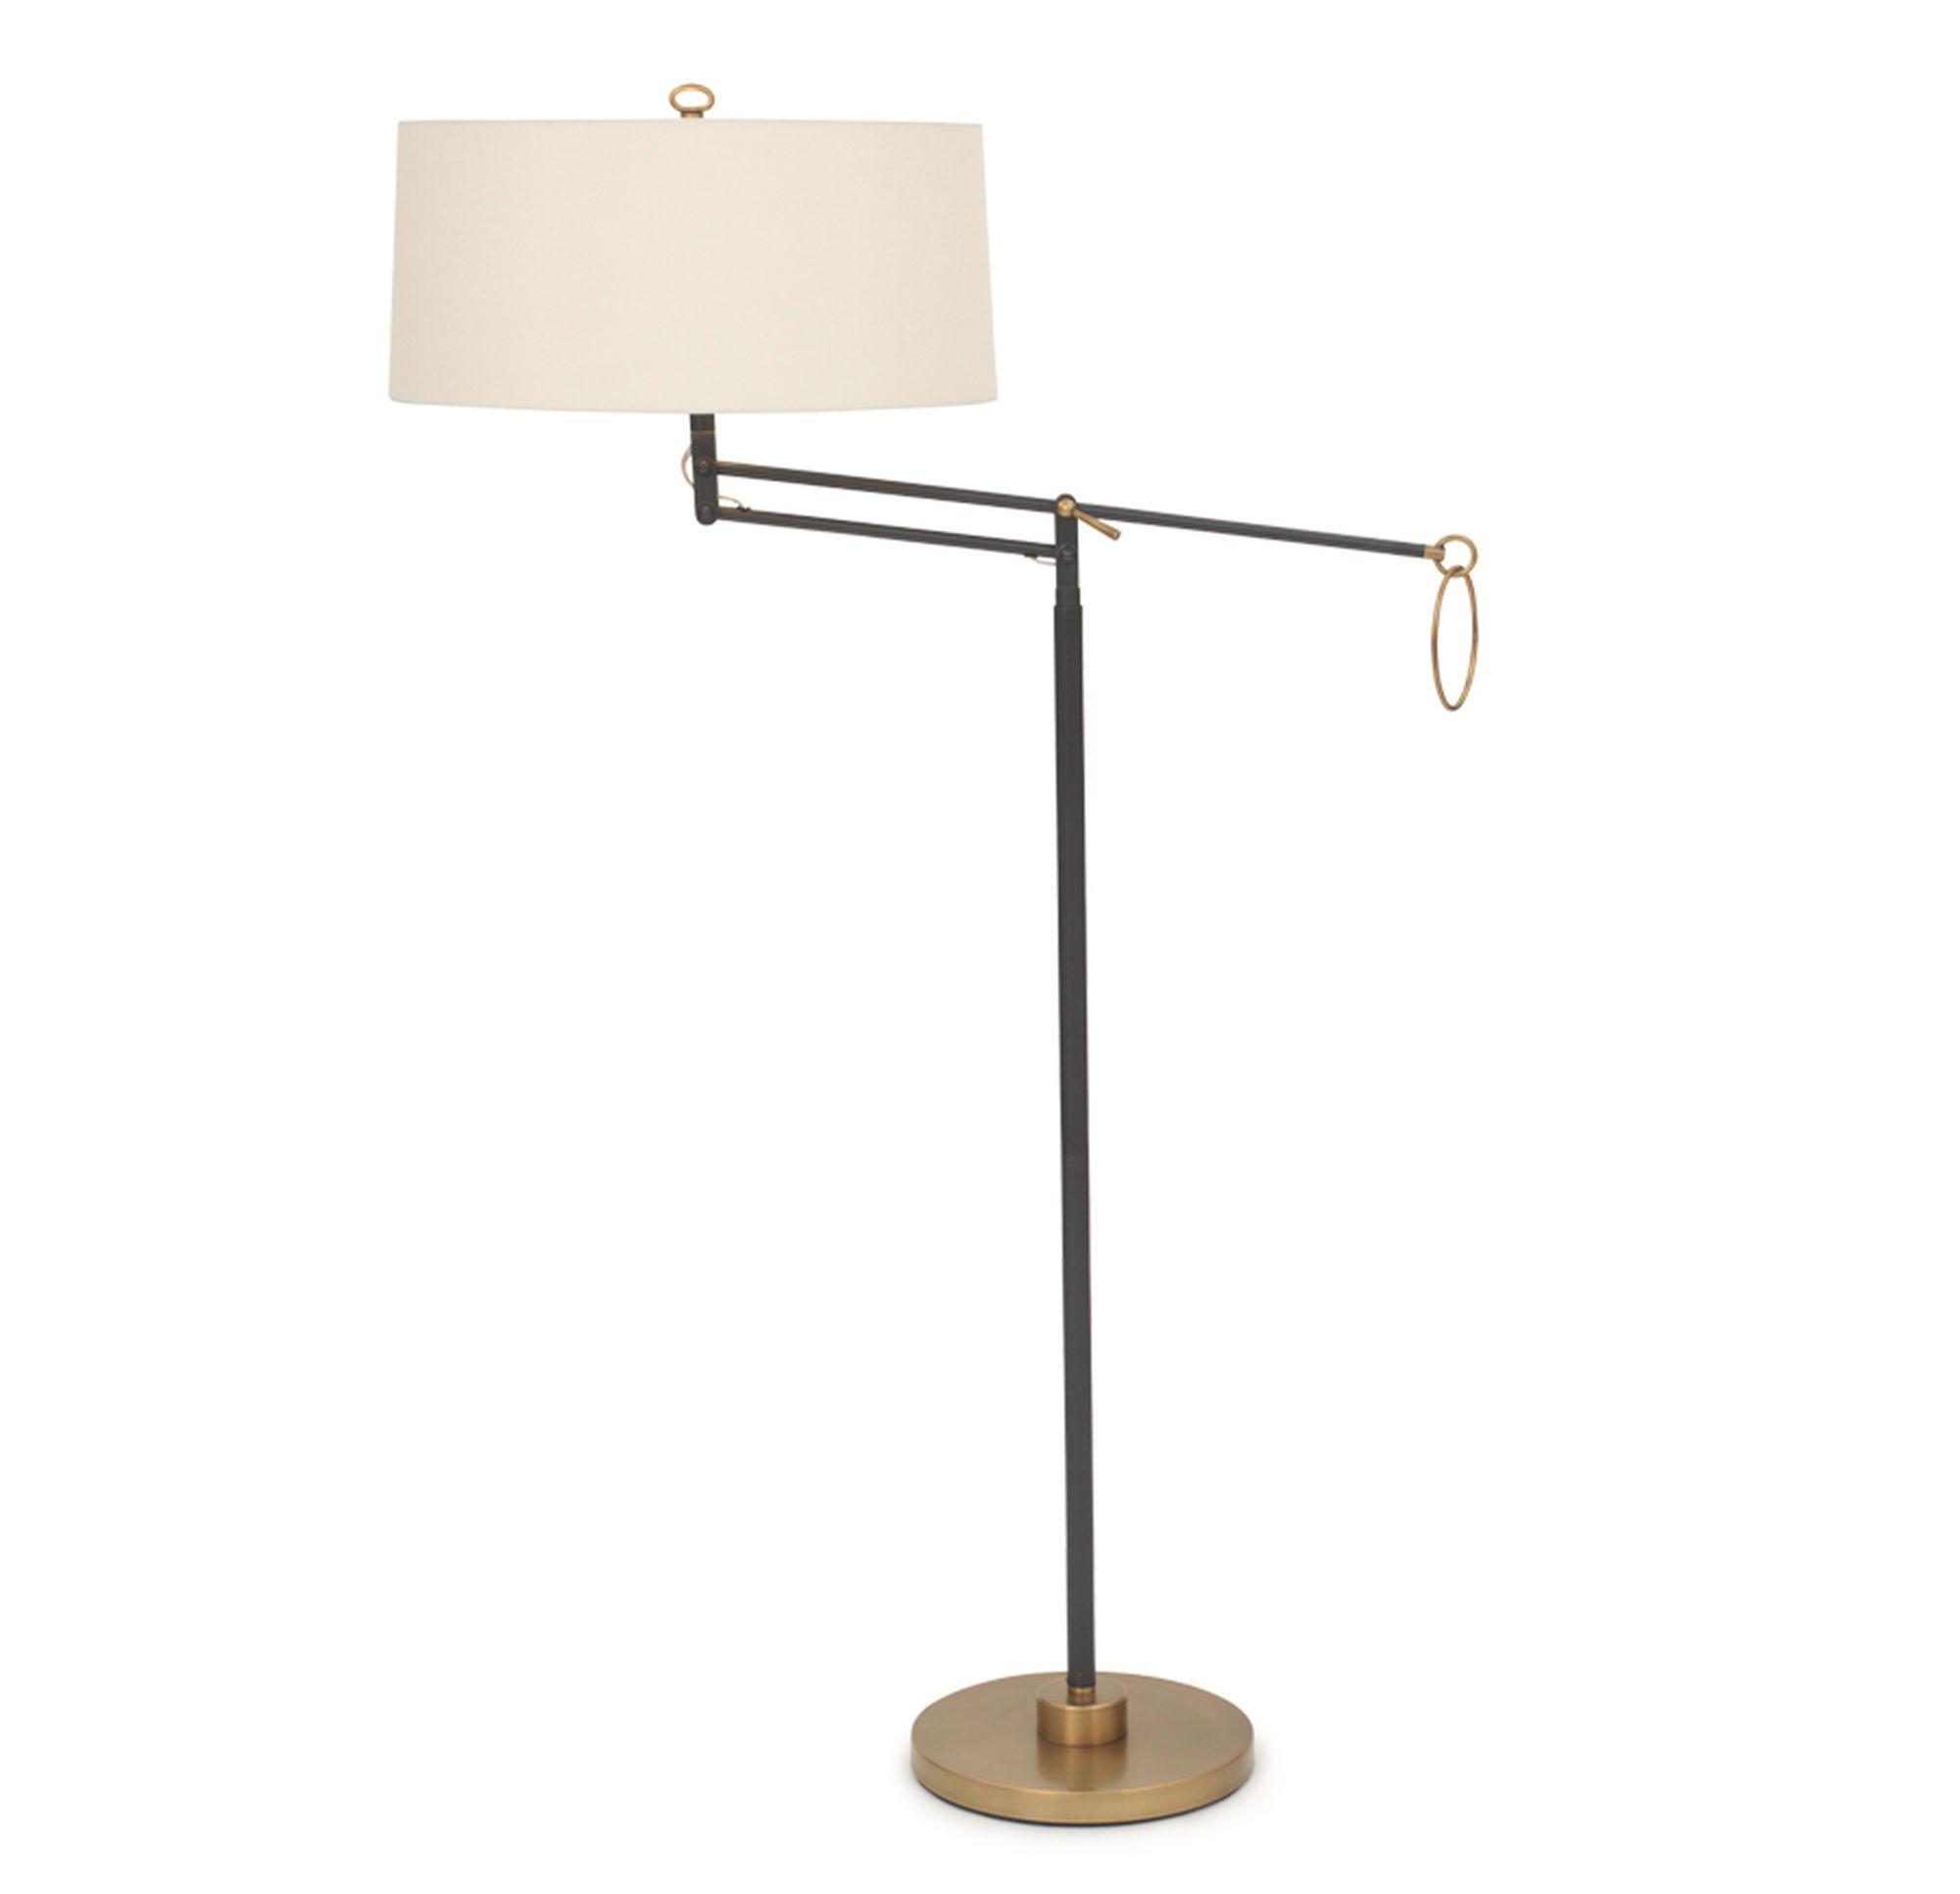 WATTS FLOOR LAMP, Office